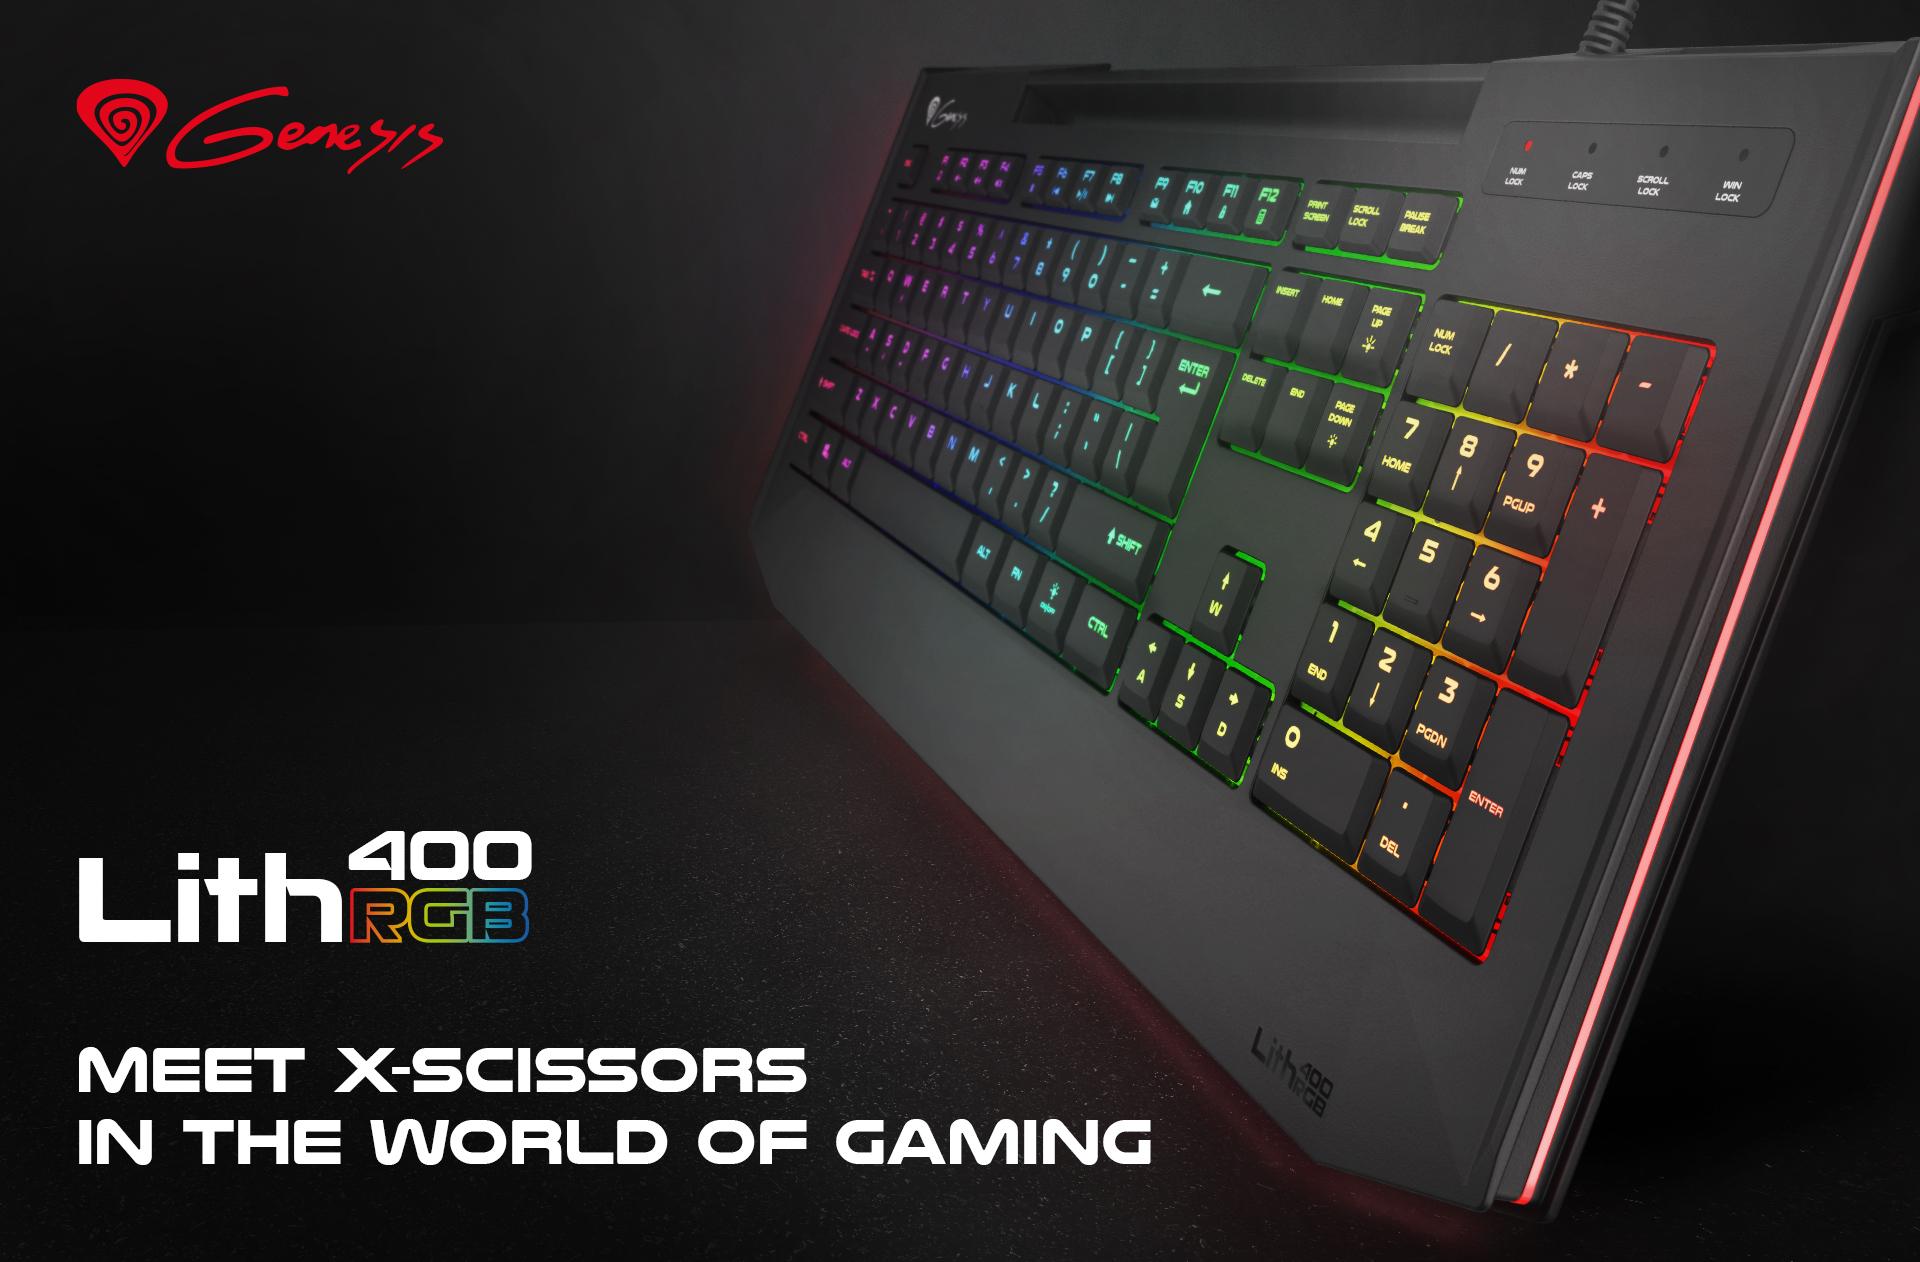 oyun klavyesi genesis lith 400 rgb us düzeni arka ışık x-scissor slim 1